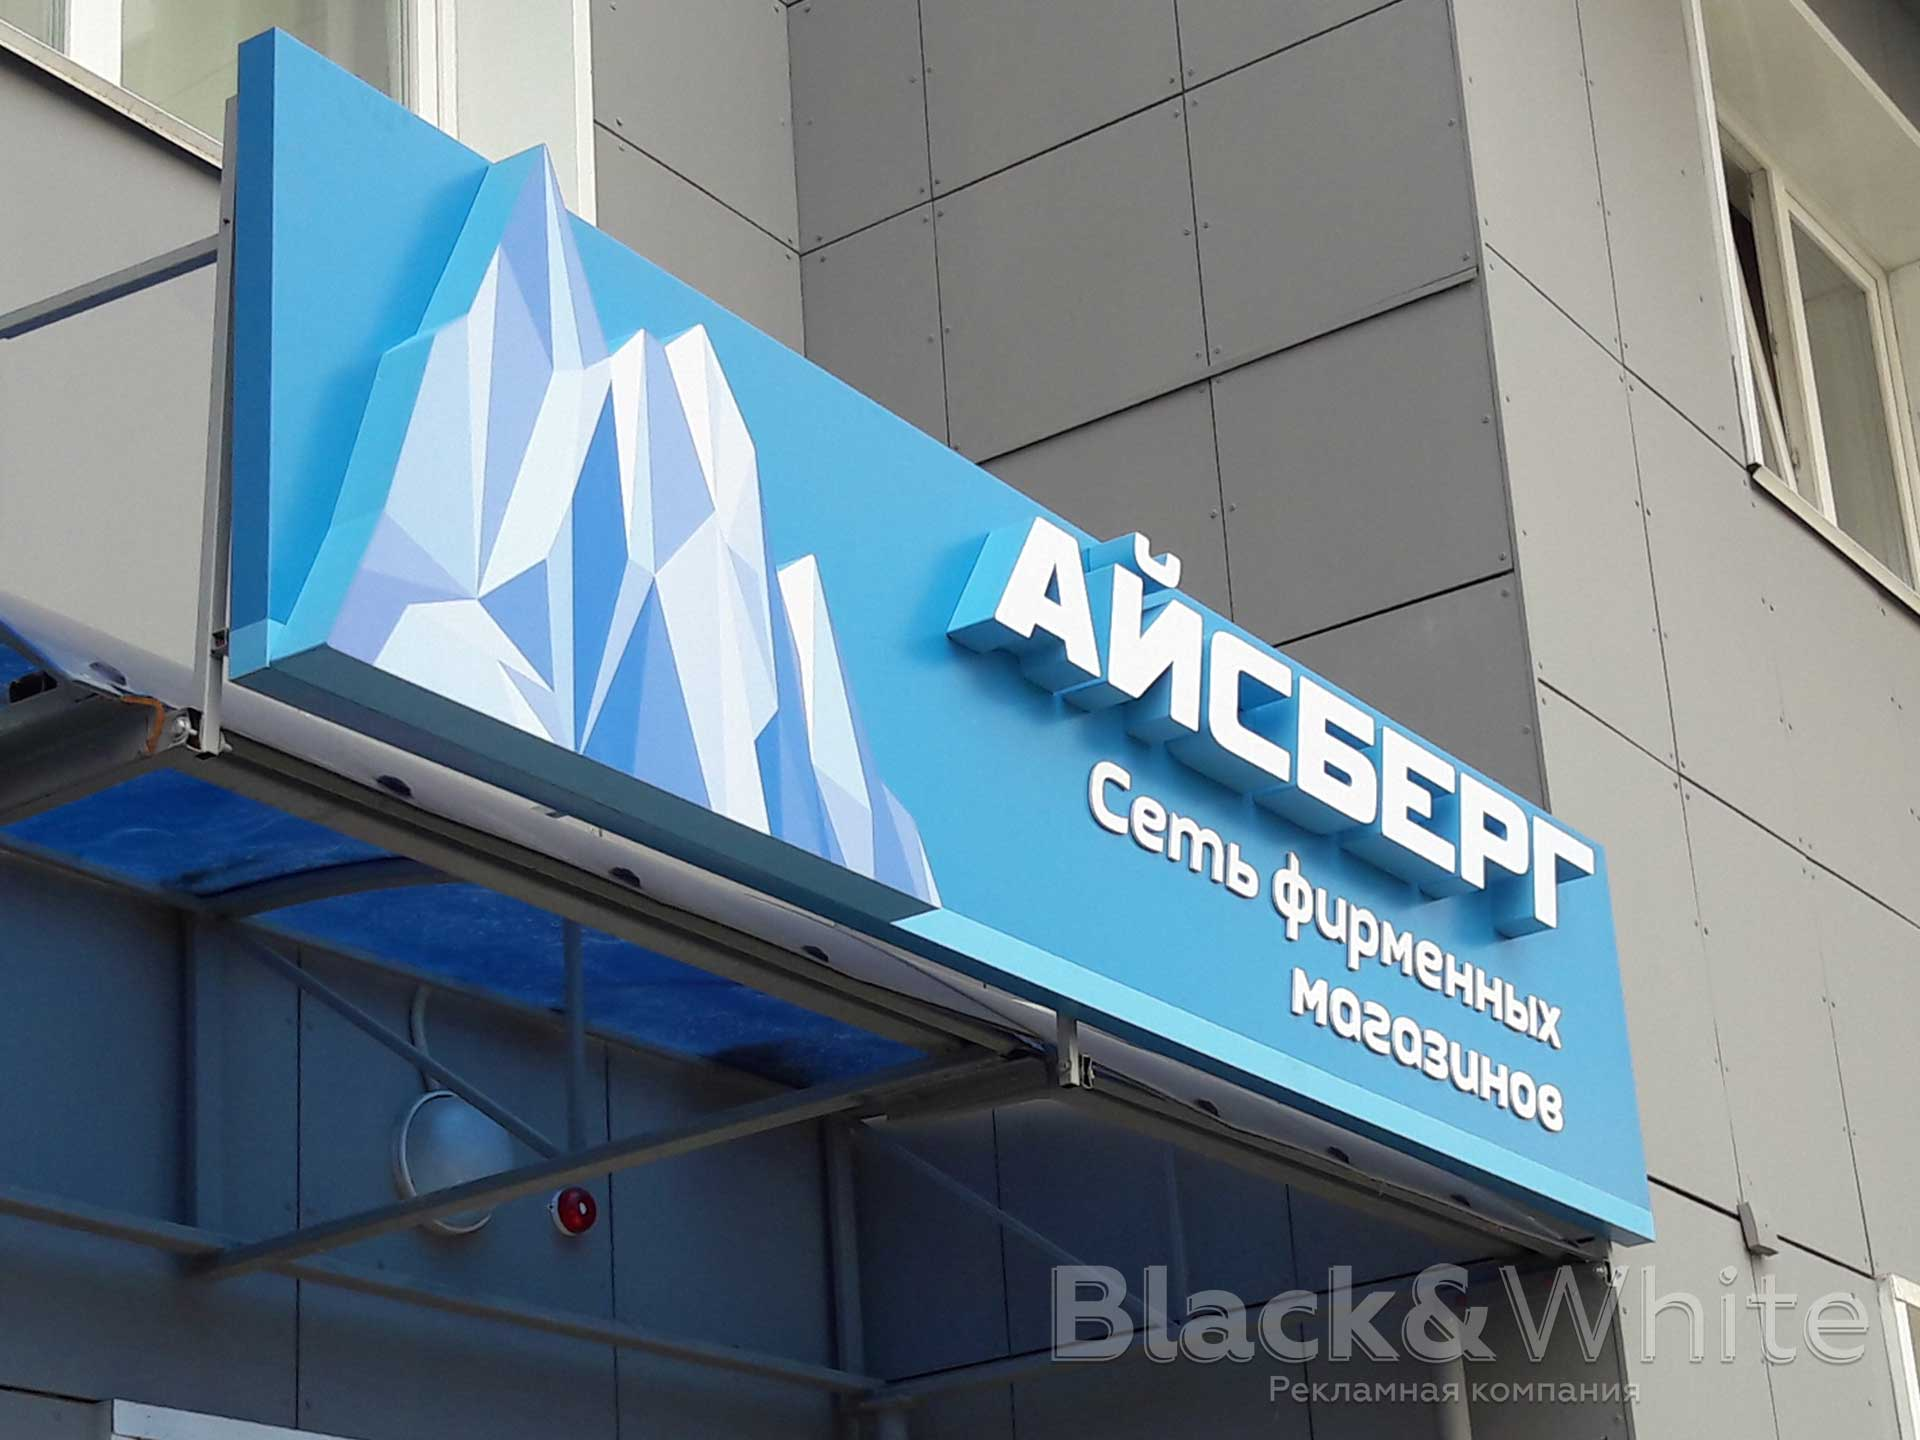 Световая-вывеска-с-объёмными-буквами-для-минимаркета-изготовление-в-Красноярске.jpg